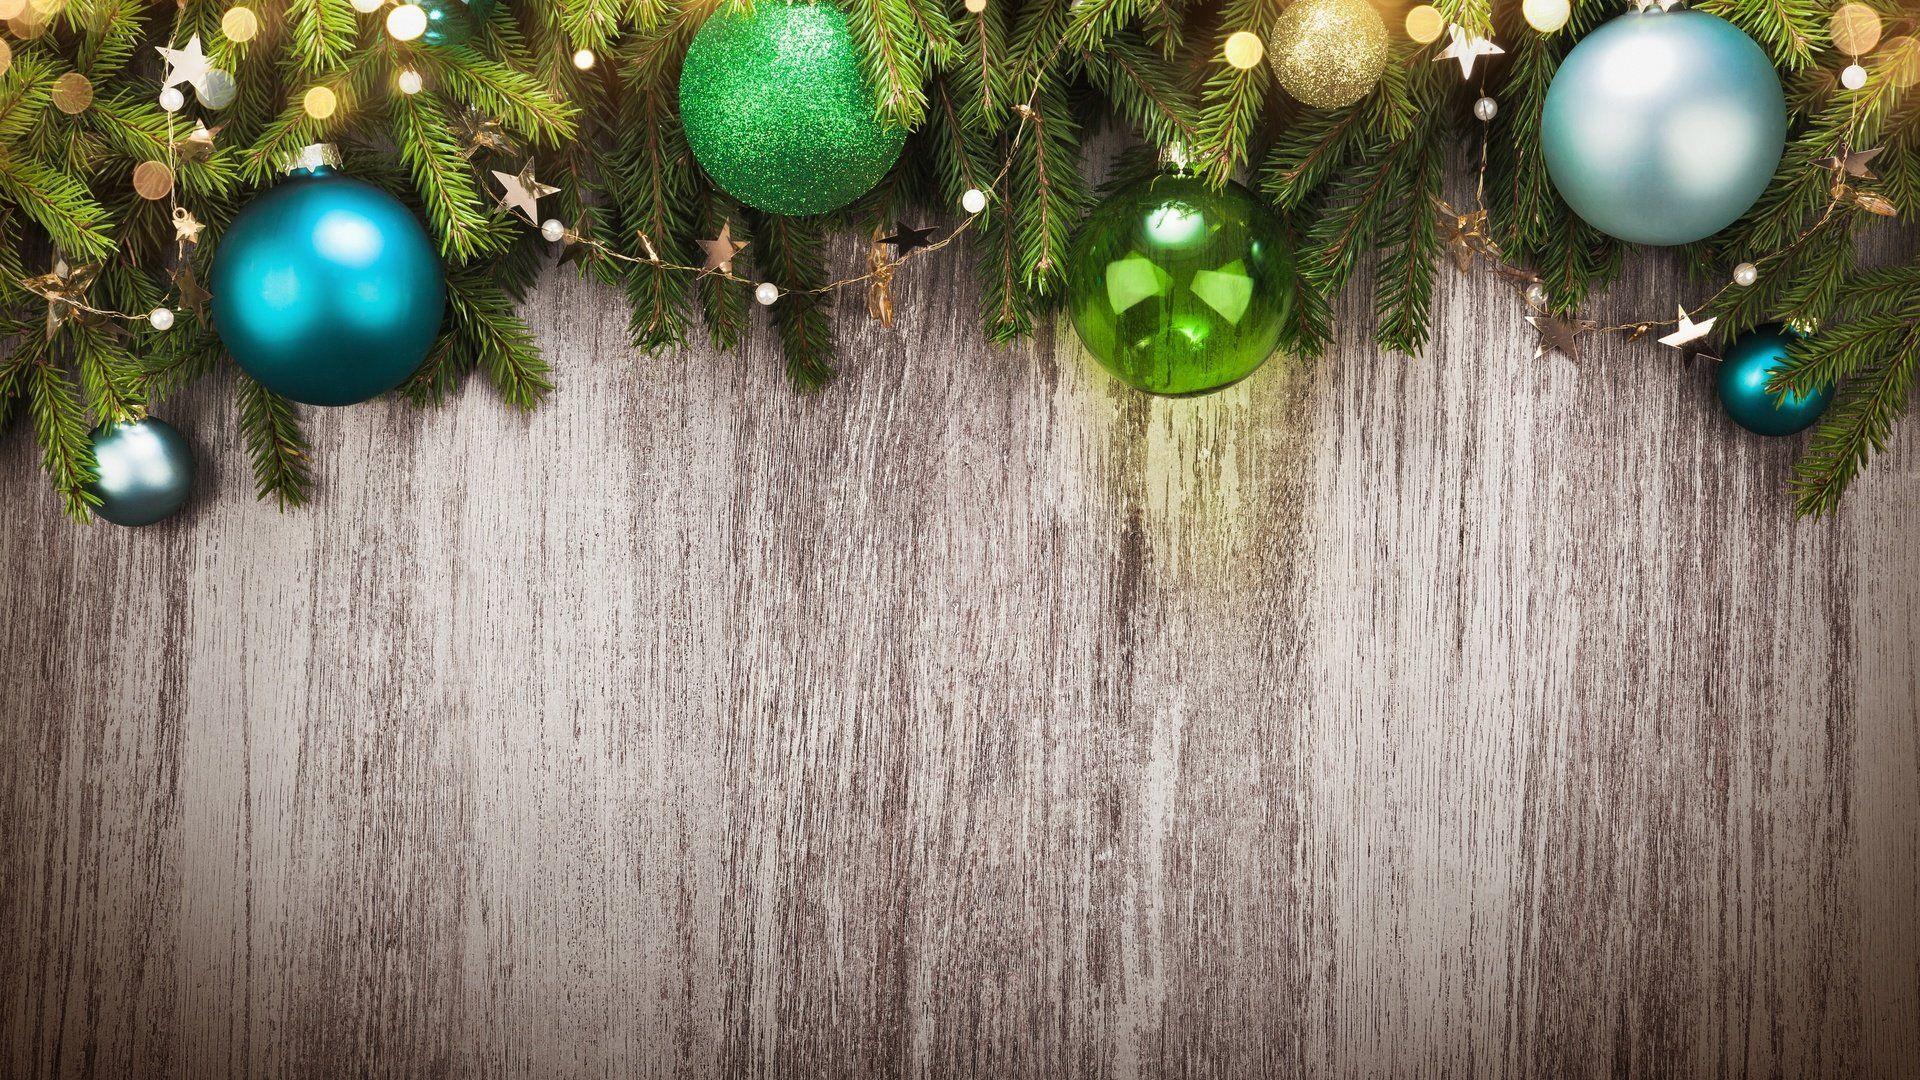 Christmas For Website 1920x1080 wallpaper